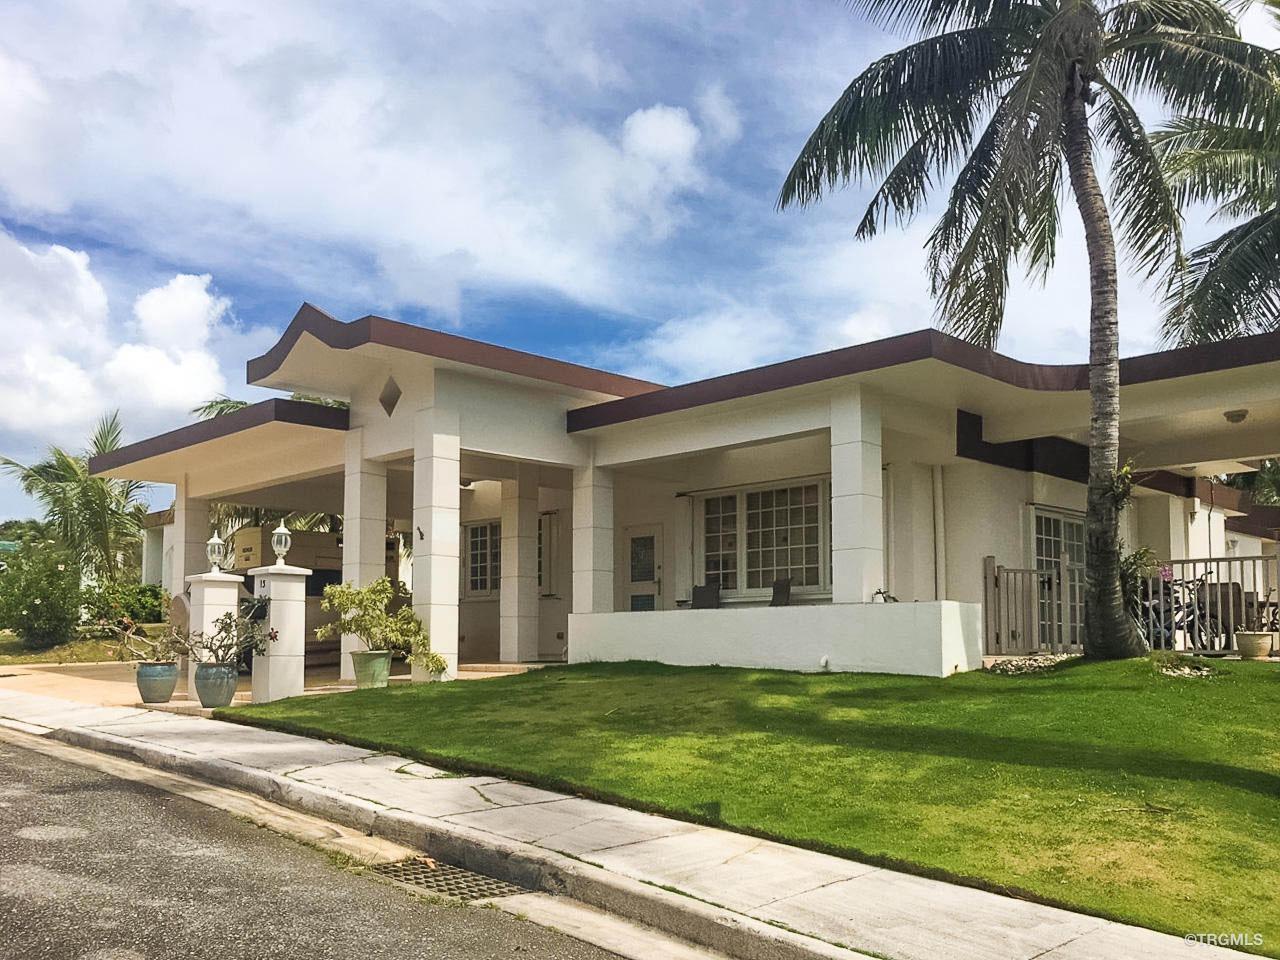 Single Family Home for Sale at 13 W Anaco Piti, Guam 96915